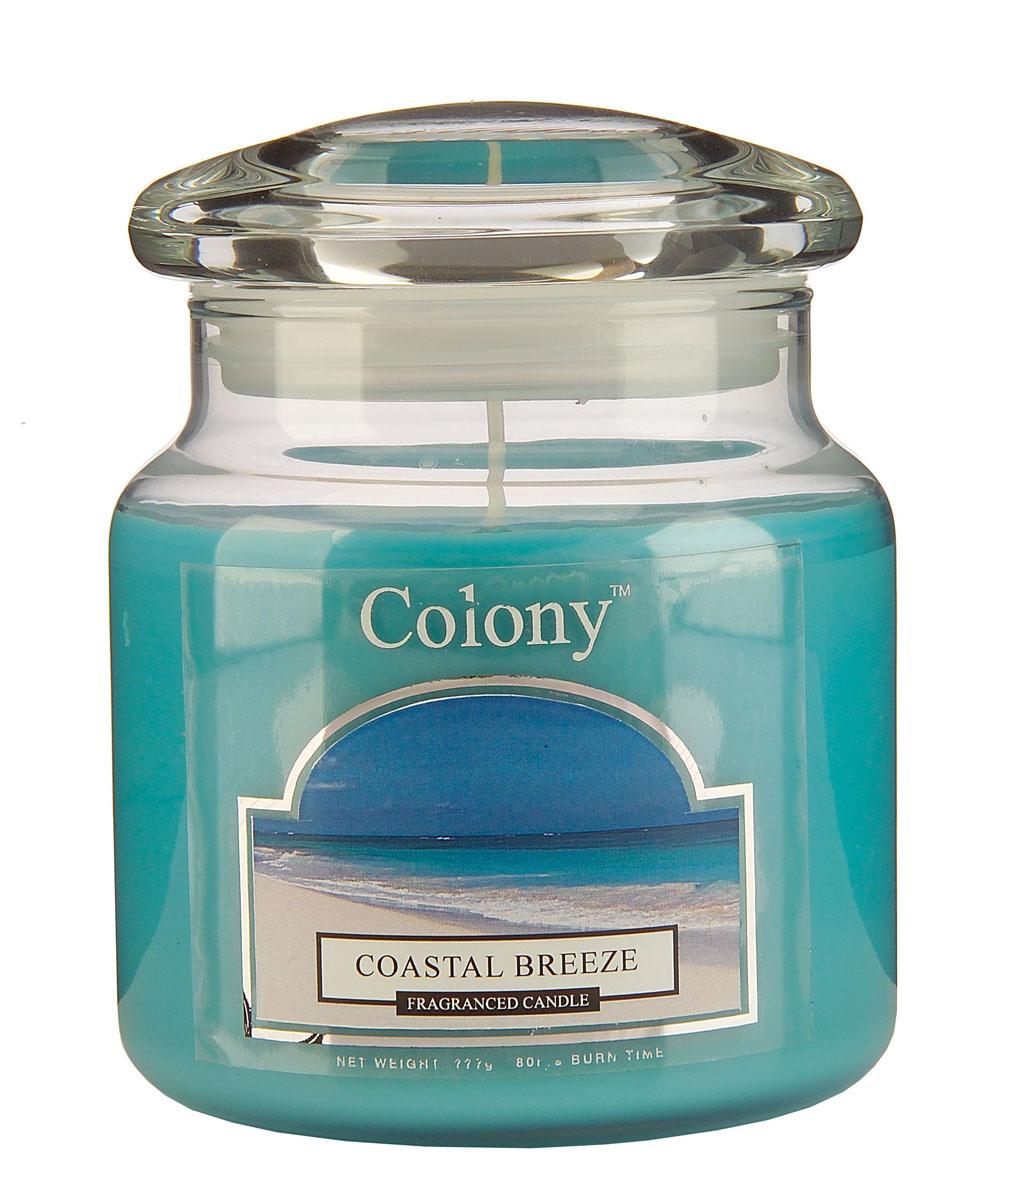 Wax Lyrical Морской бриз ароматизированная свеча в стекле средняя, 90 часовCH0767Свежий шипрово-цветочный аромат с инжирными оттенками